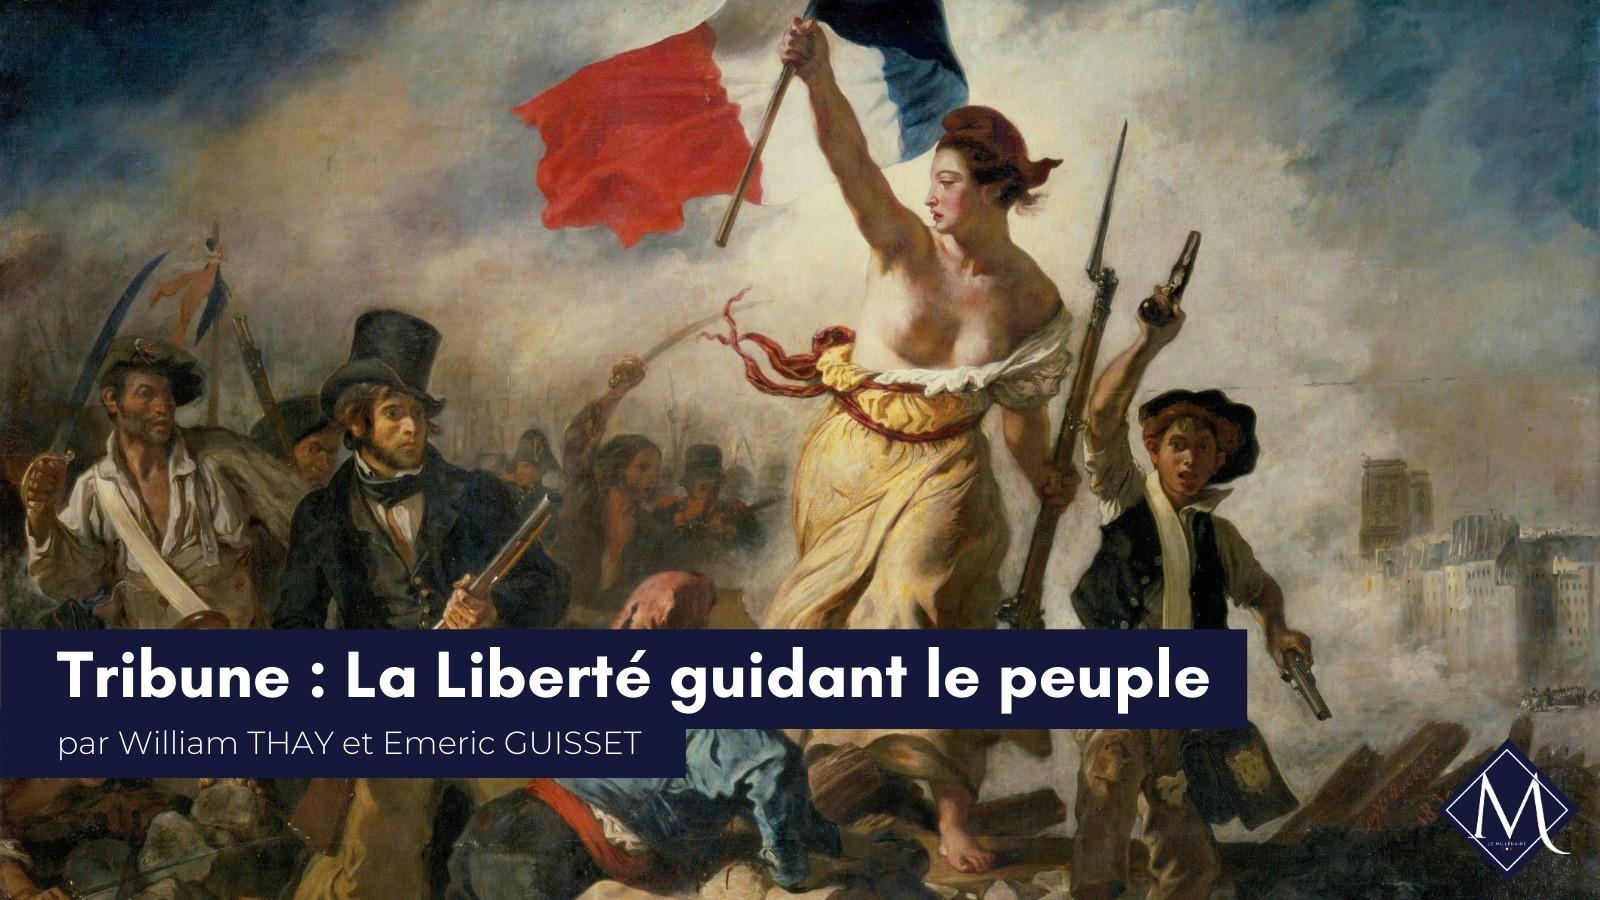 Retrouvez la tribune de William Thay et Emeric Guisset dans Le Figaro : «La liberté guidant le peuple»